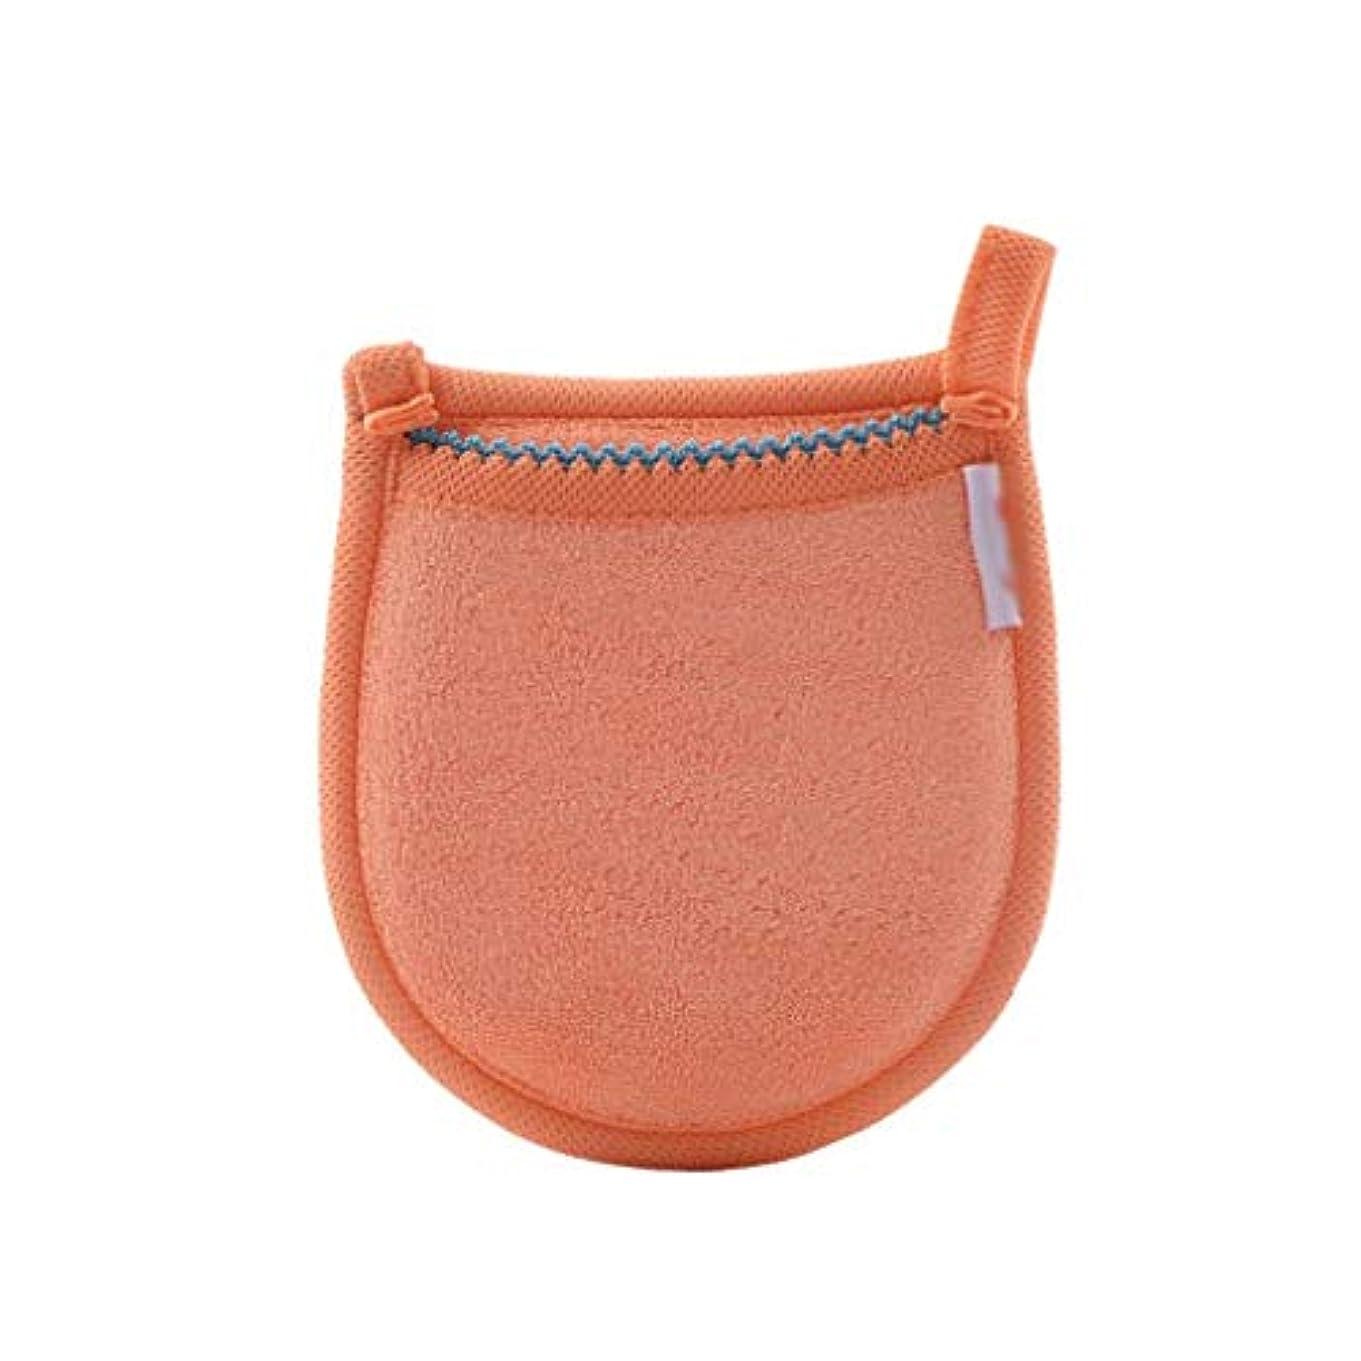 ブランチむき出し活性化する1ピースフェイシャル竹炭スポンジフェイスメイク落とし美容再利用可能なフェイスタオルクリーニンググローブ洗濯メイクアップツール (Color : Orange)